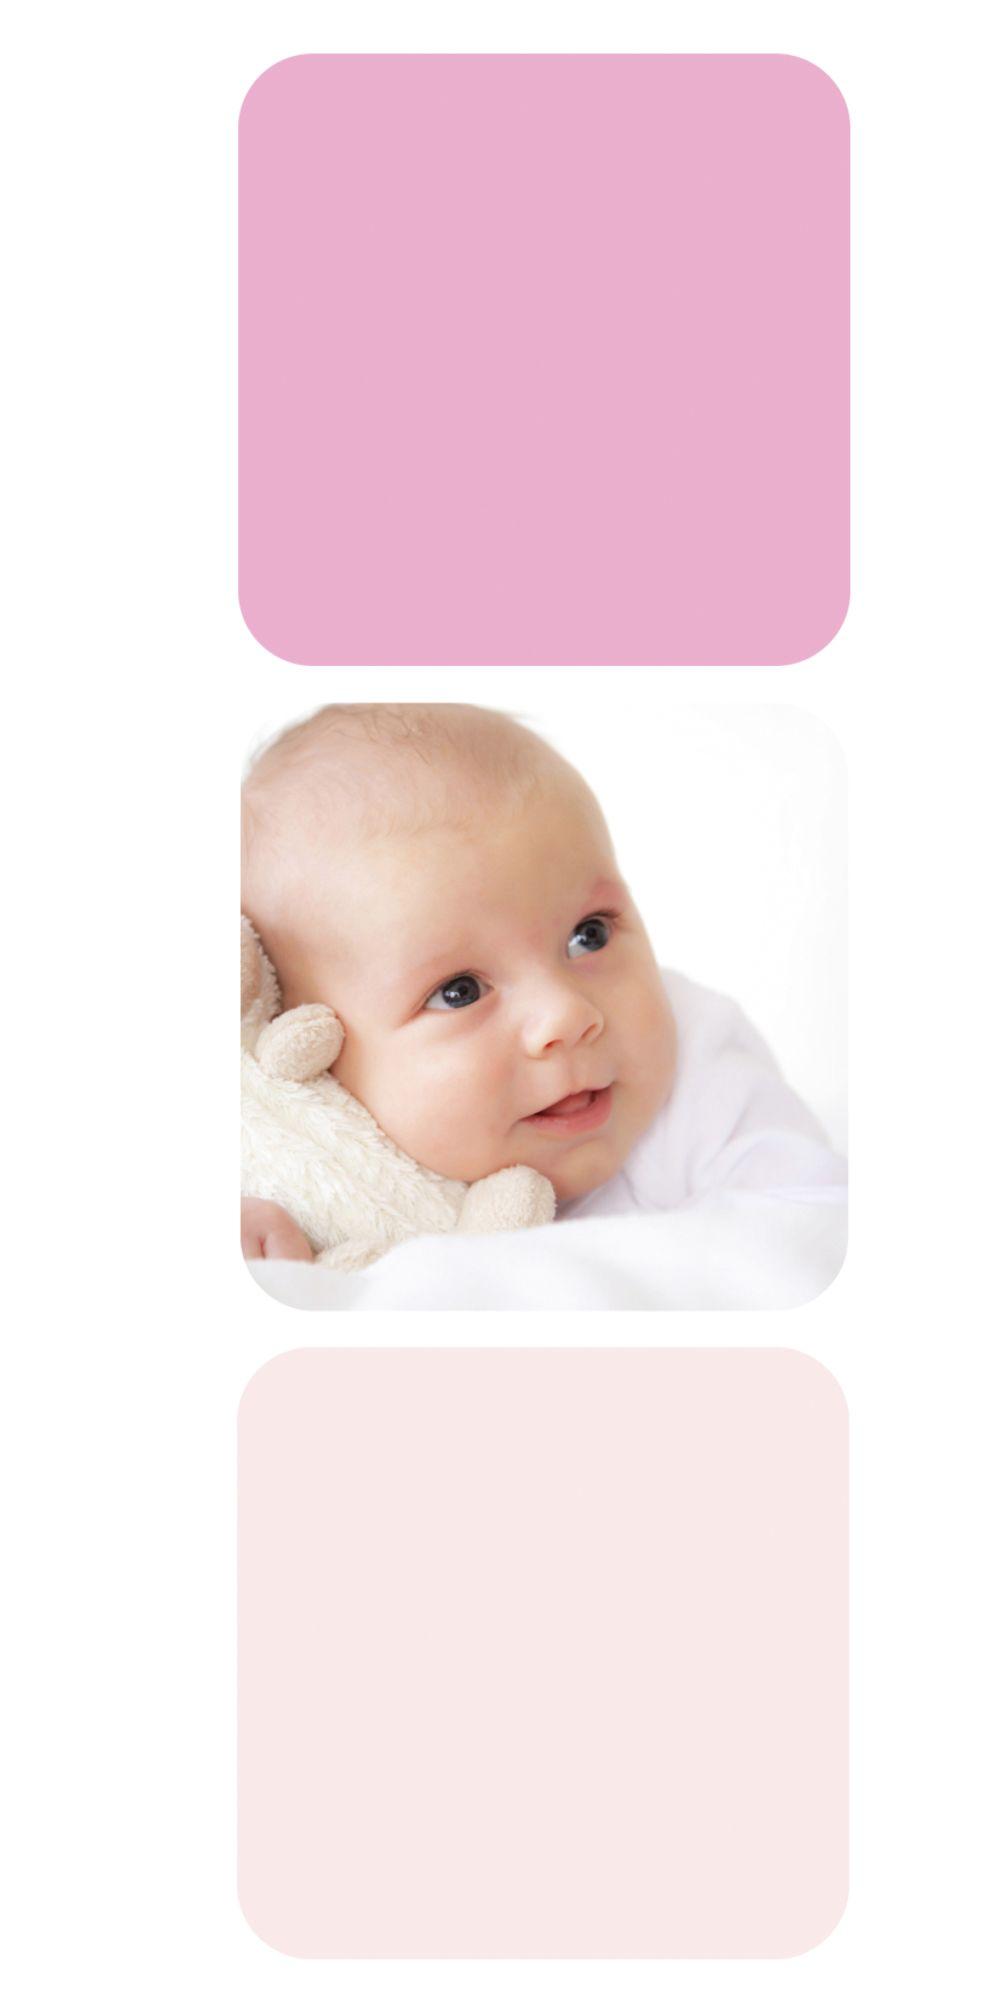 Ansicht 4 - Baby Dankeskarte Kästchen